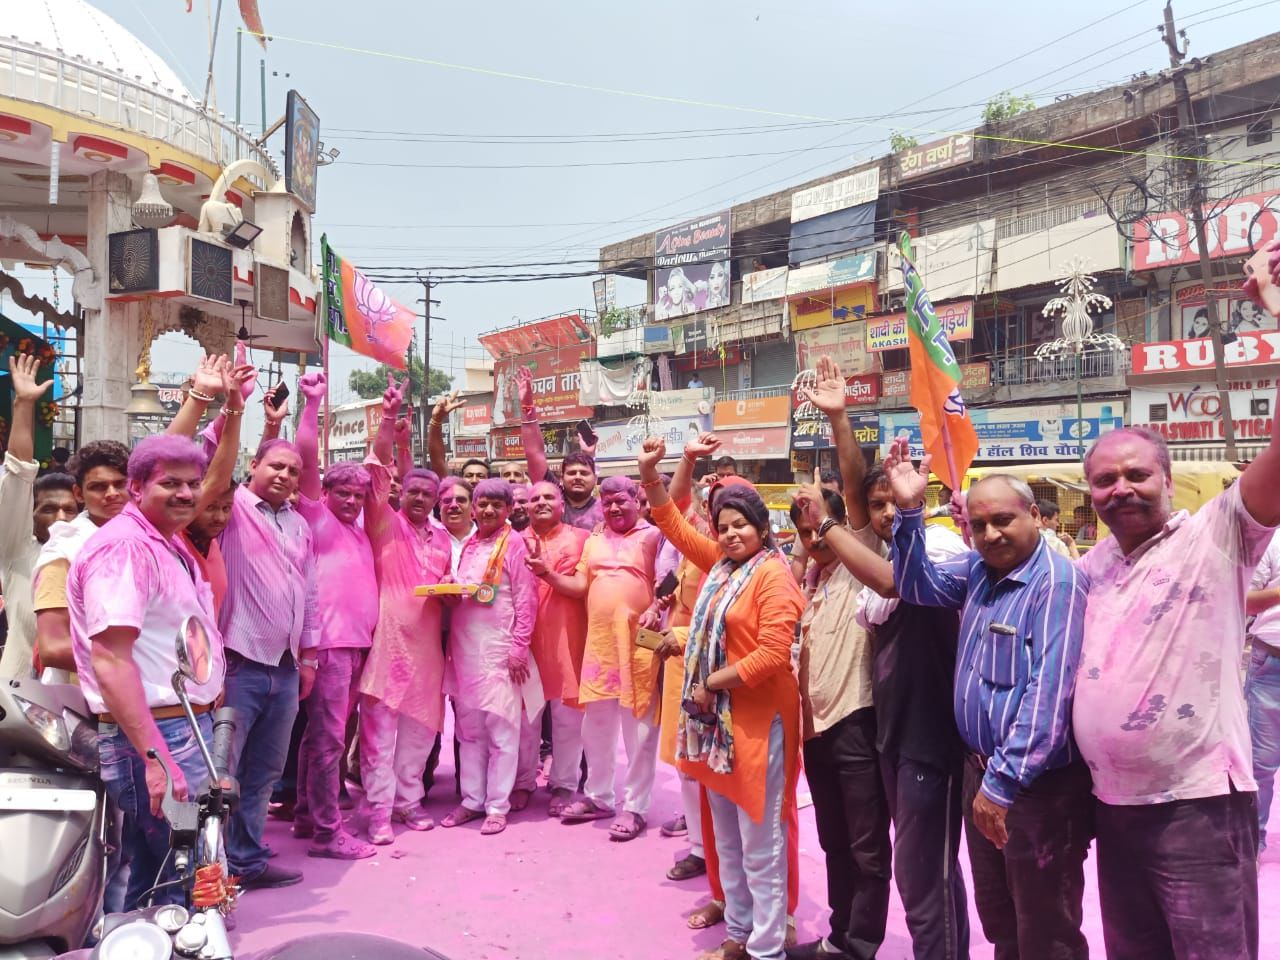 मुजफ्फरनगर : अनुच्छेद 370 हटने पर बीजेपी विधायक व समर्थकों ने फोड़े पटाखे, बांटें लड्डू